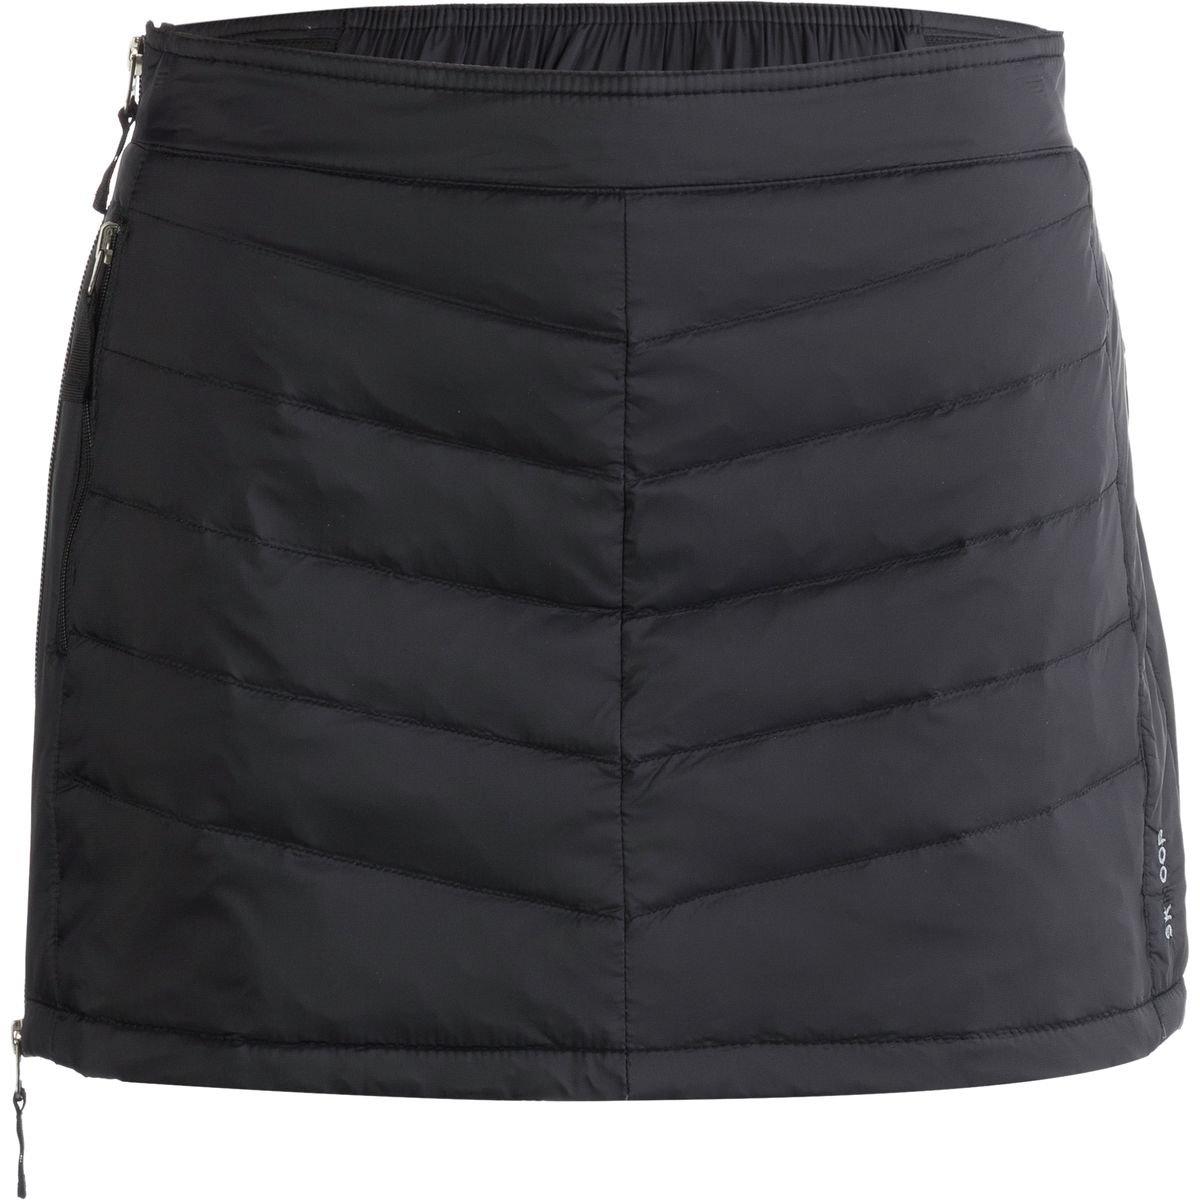 Skhoop Women's Mini Down Skirt, Black, Medium